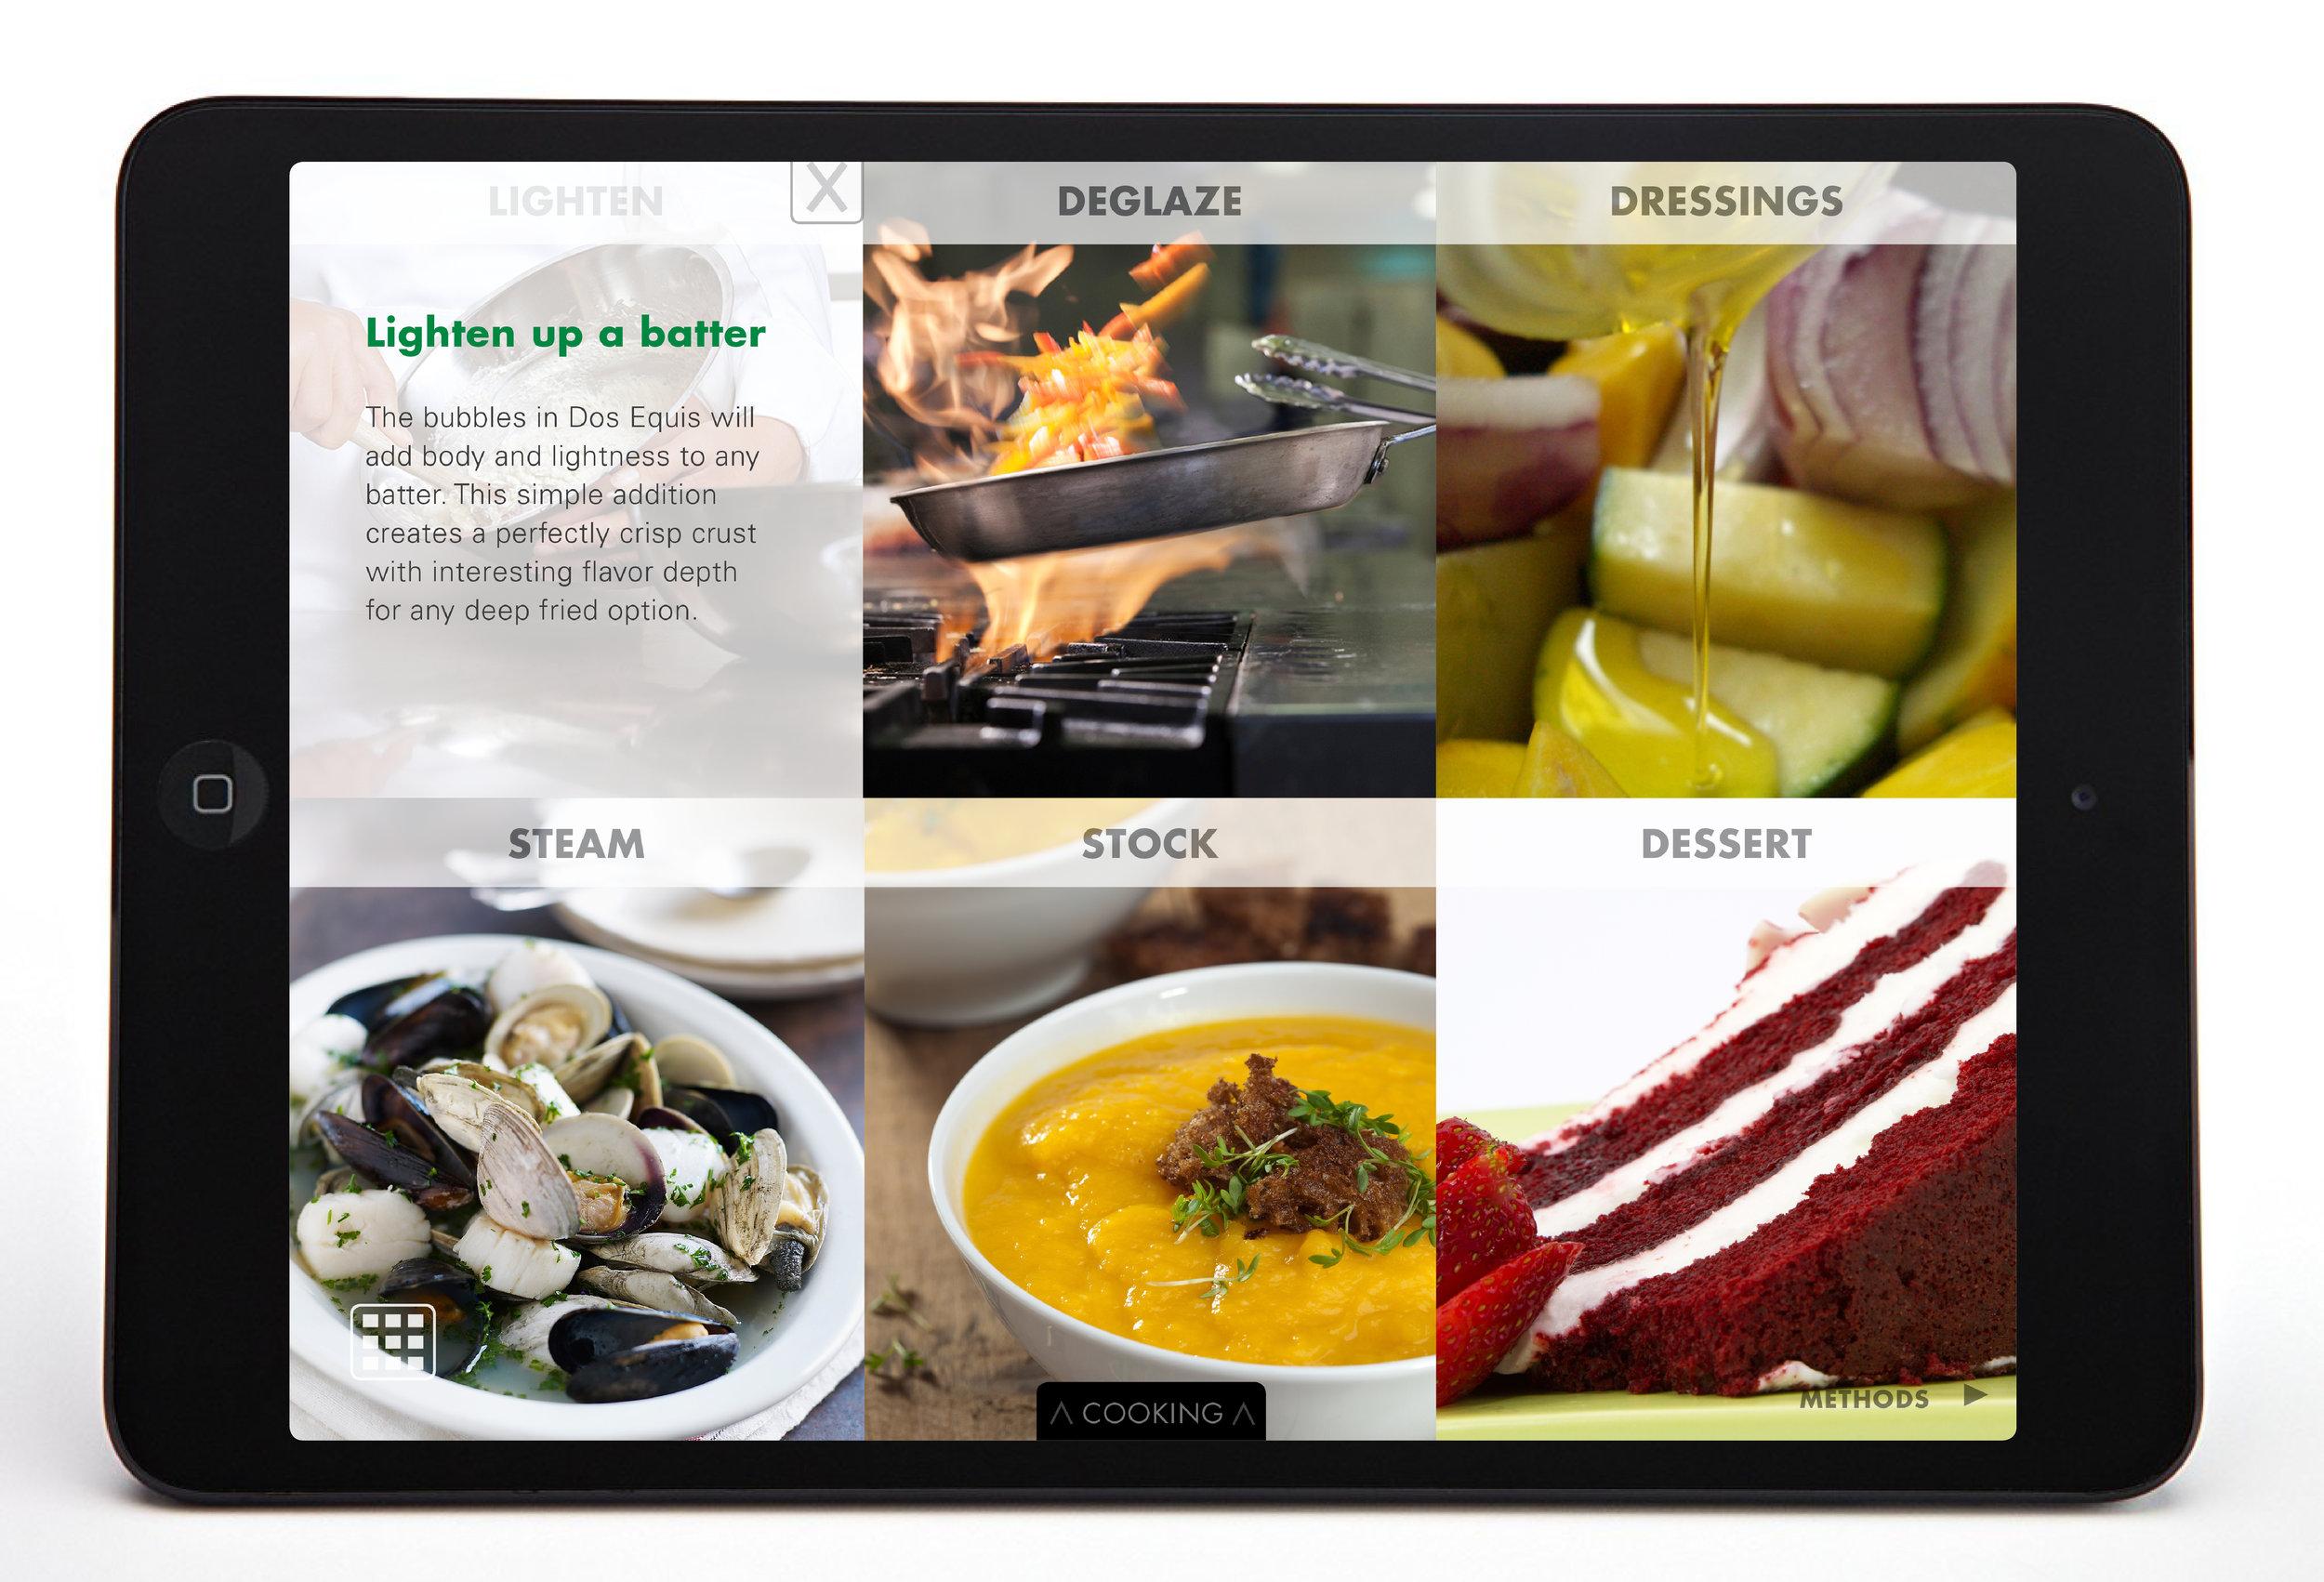 Heineken-food&beer pairing-interactive book54.jpg